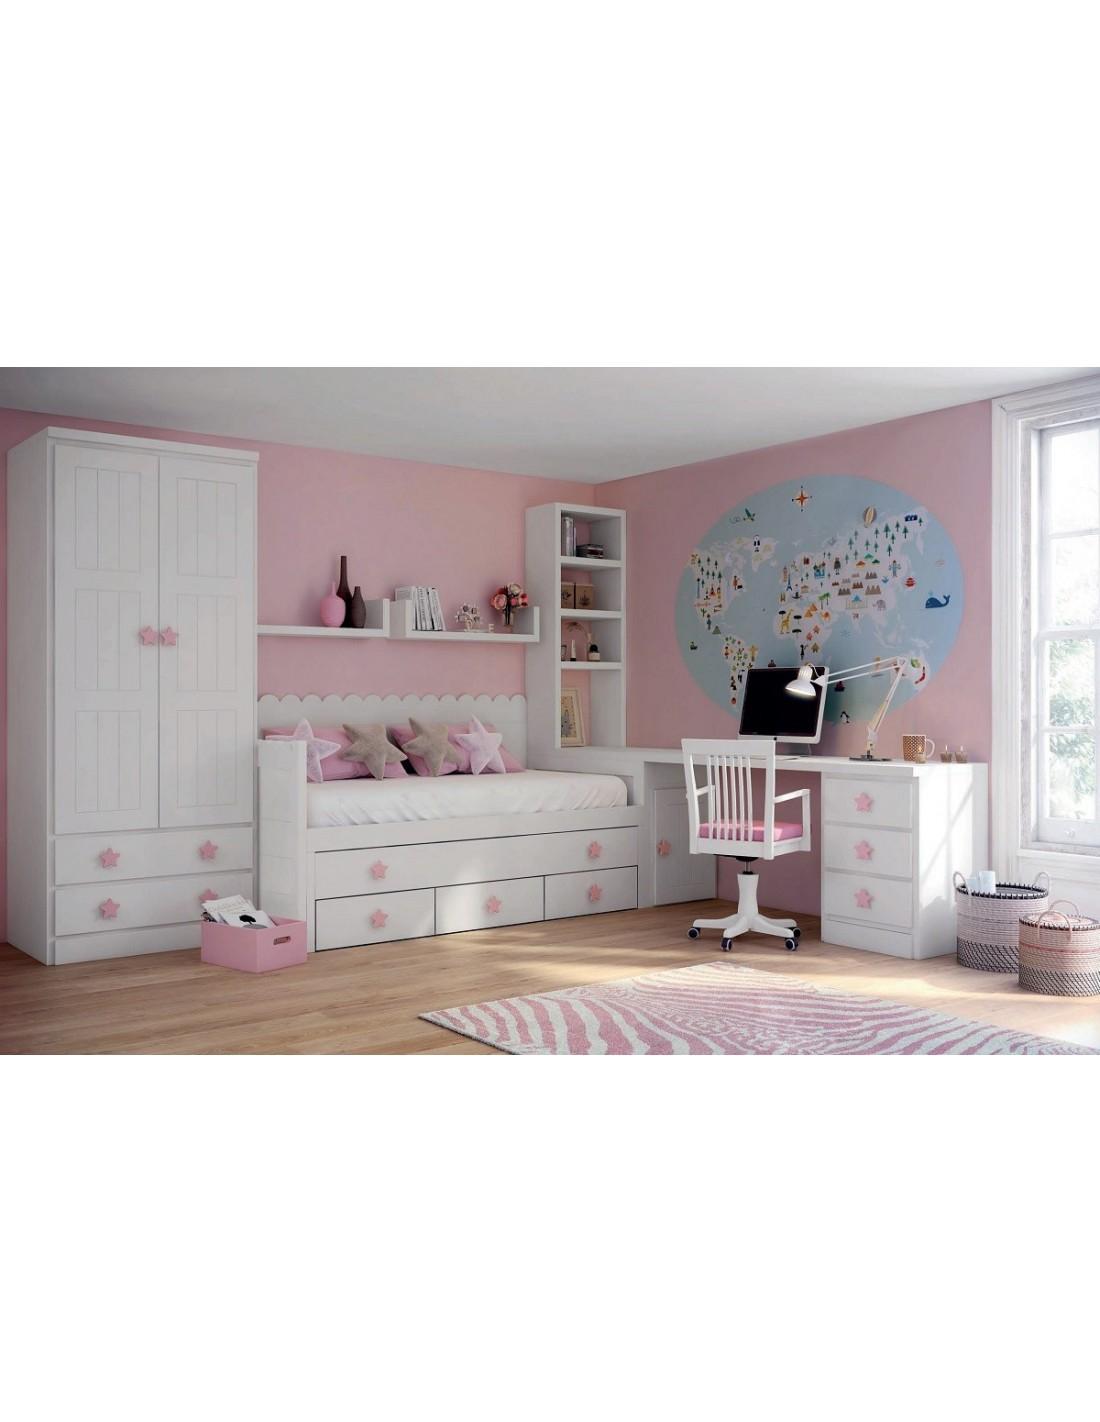 Comprar dormitorio juvenil blanco y rosa tienda muebles - Habitaciones blancas juveniles ...